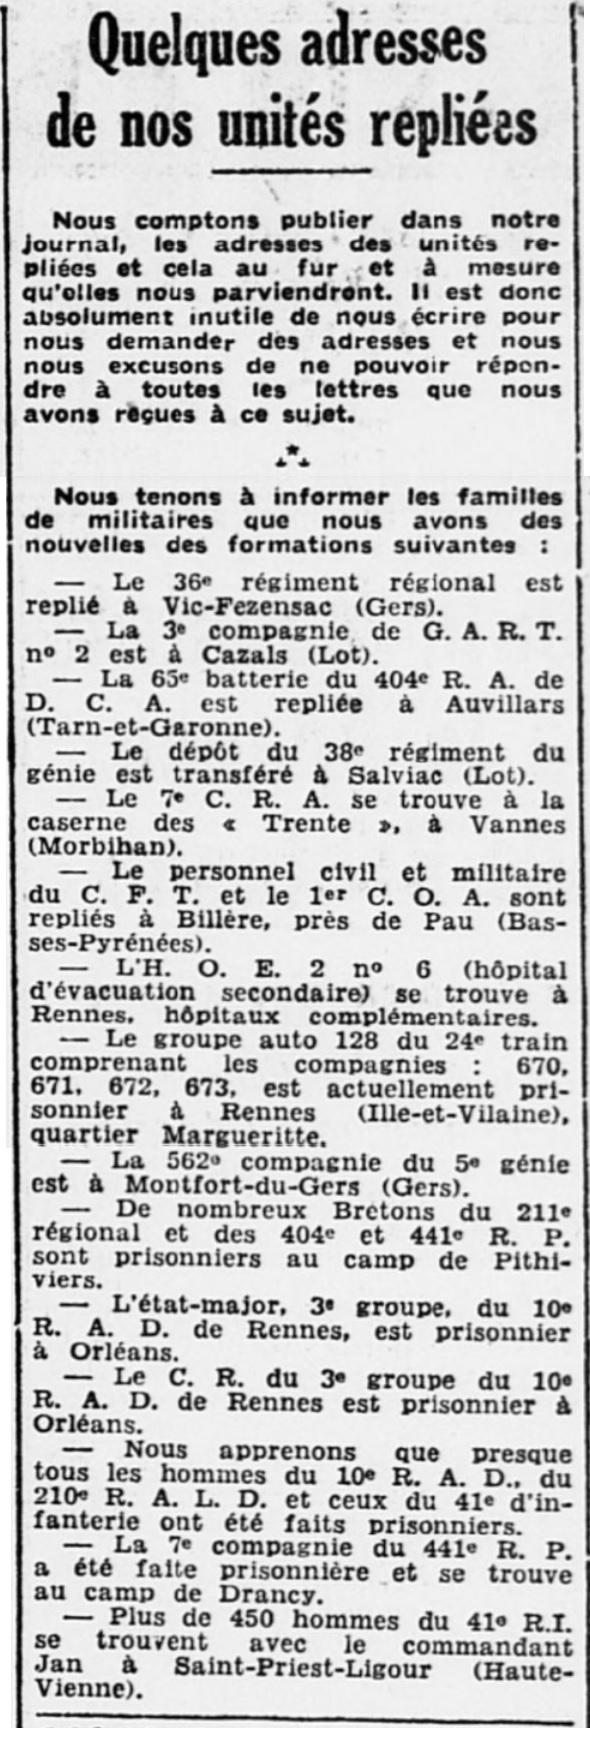 Liste des centres de repli des unités françaises 19400720